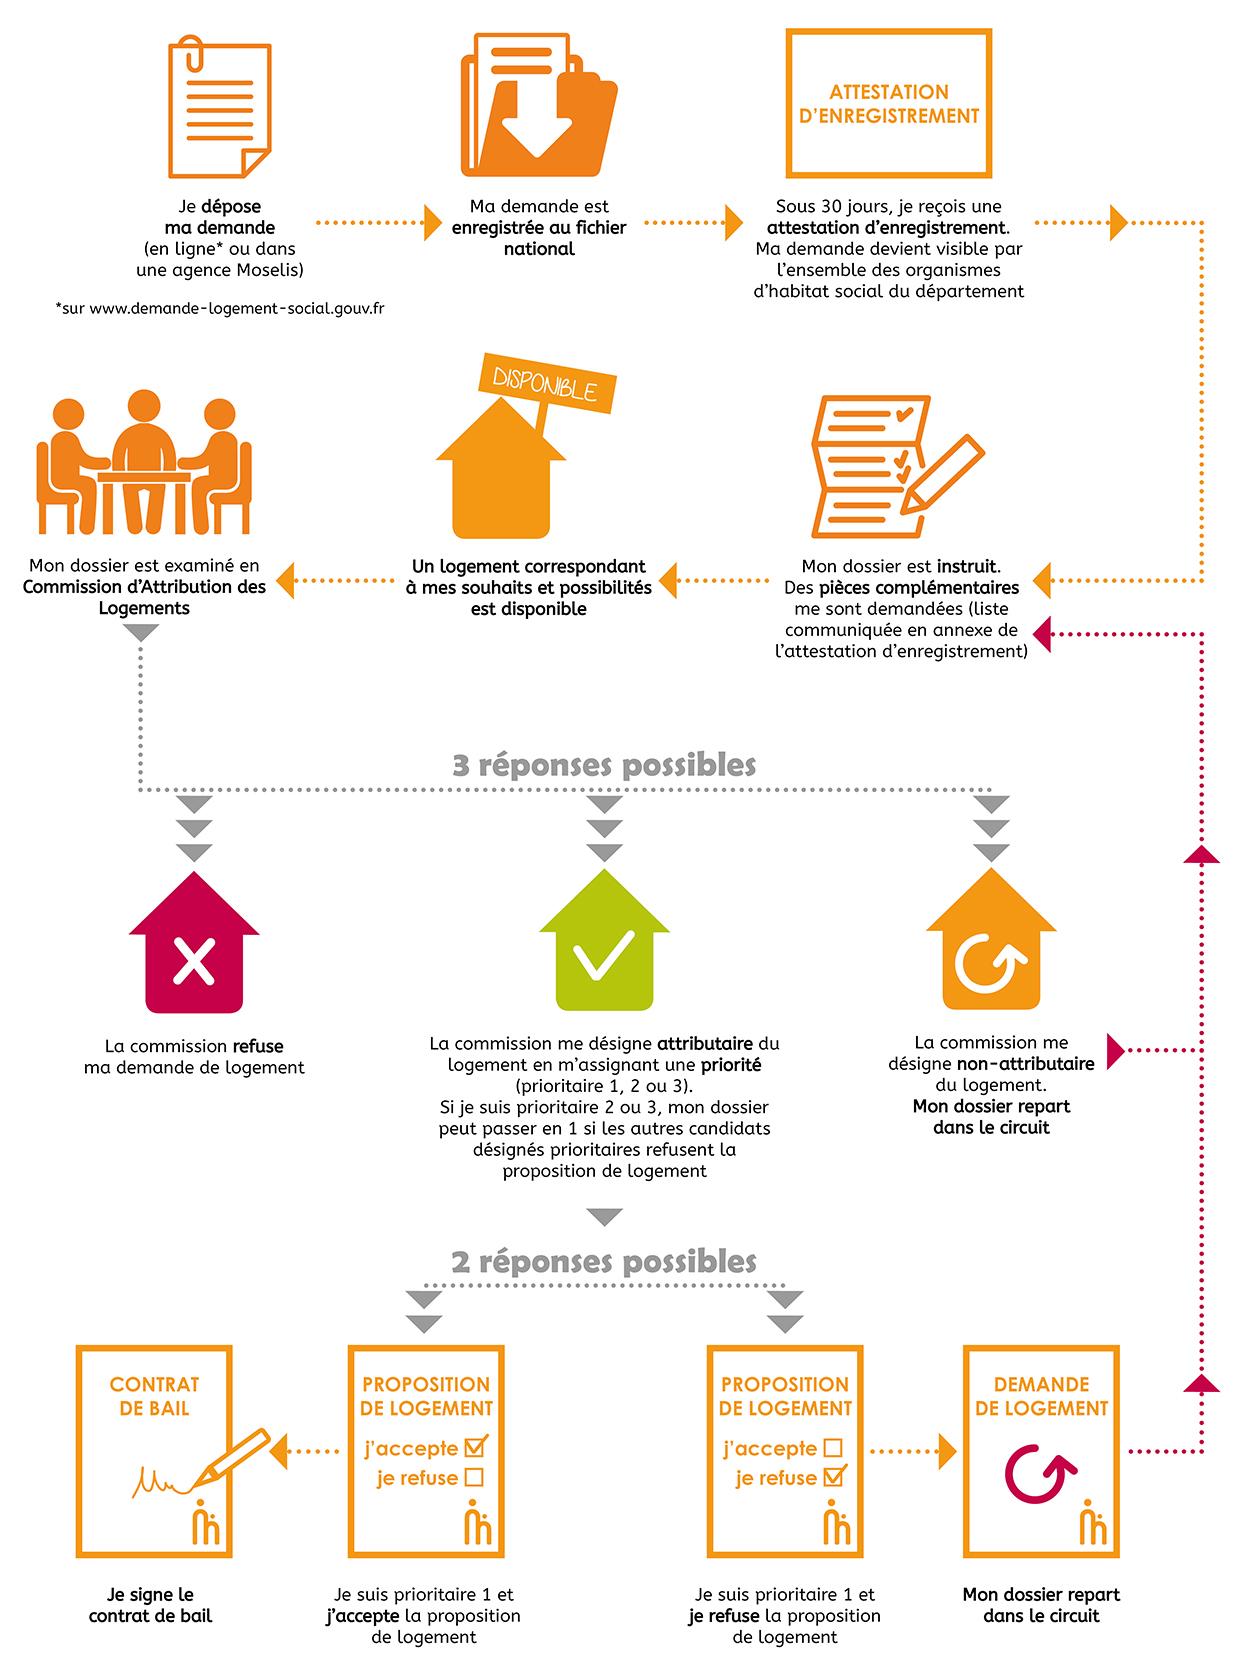 Les étapes de la demande de logement